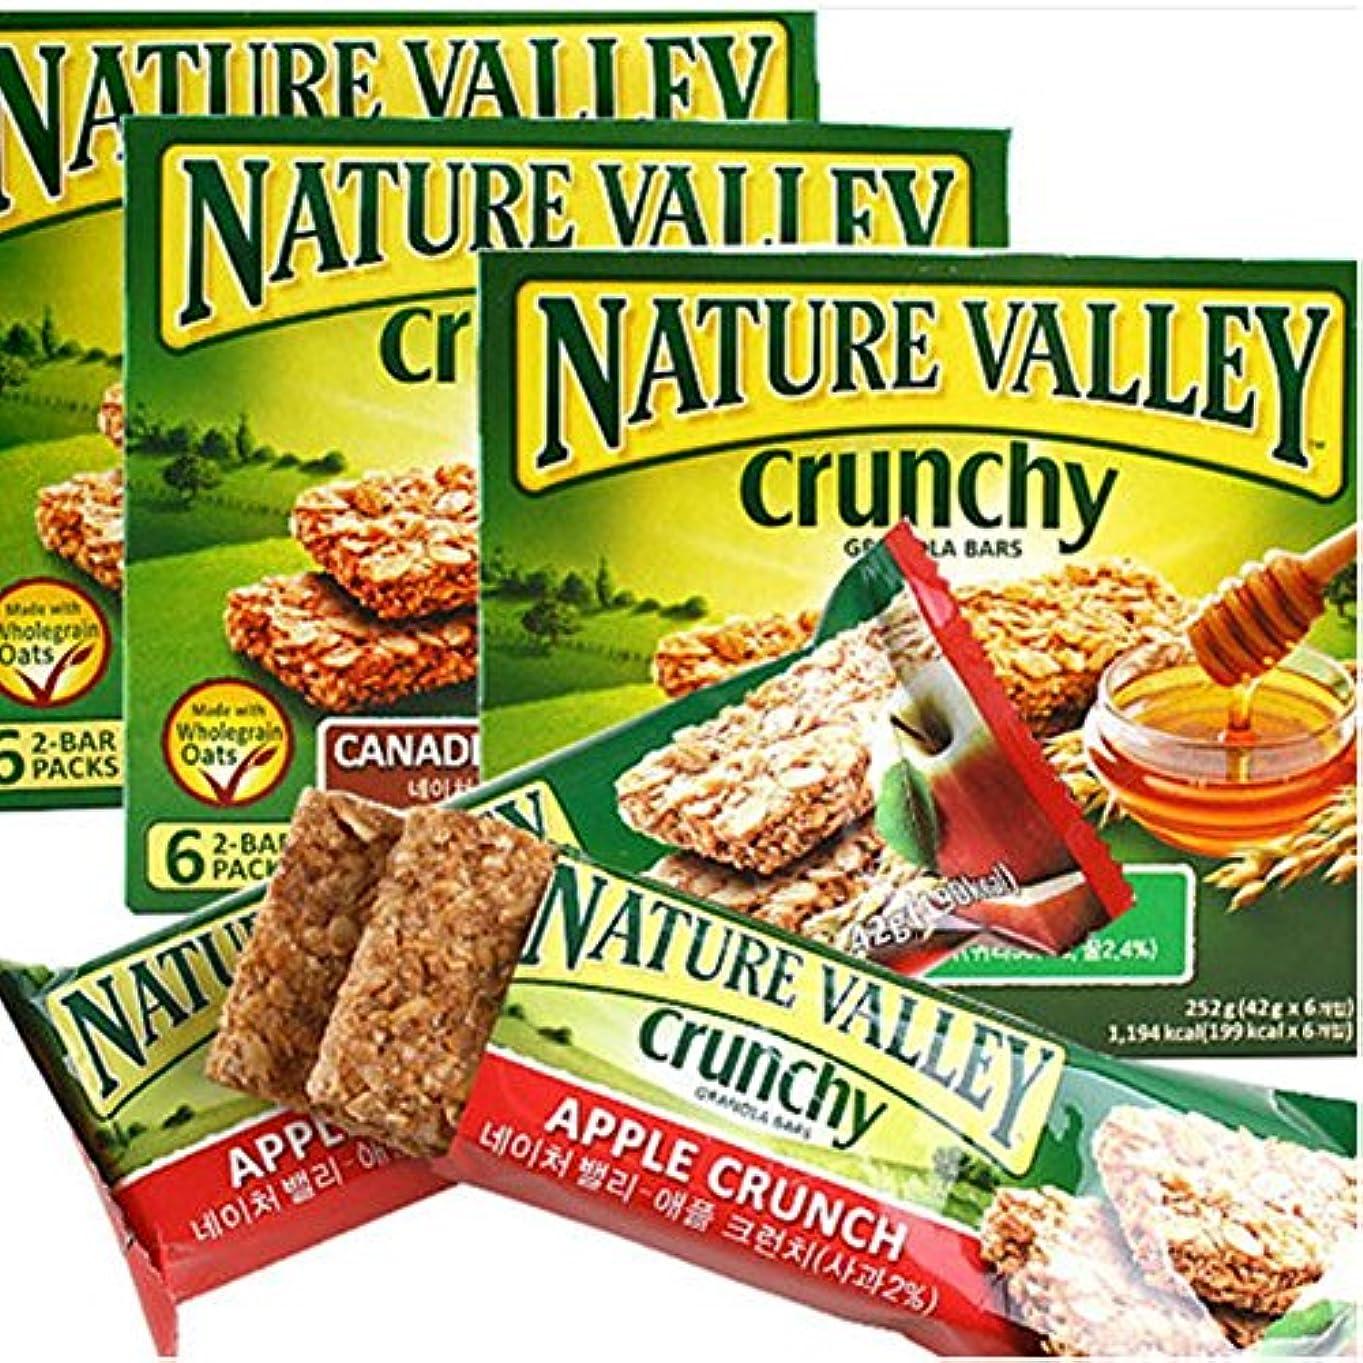 もしワードローブが欲しい[ネイチャーバレー/Nature Valley] CANADIAN MAPLE SYRUP/ネイチャーバレークランチグラノーラバー42g5パックx3 Box - メープルシロップ(合計15袋)穀物バー/シリアル/栄養のバー...